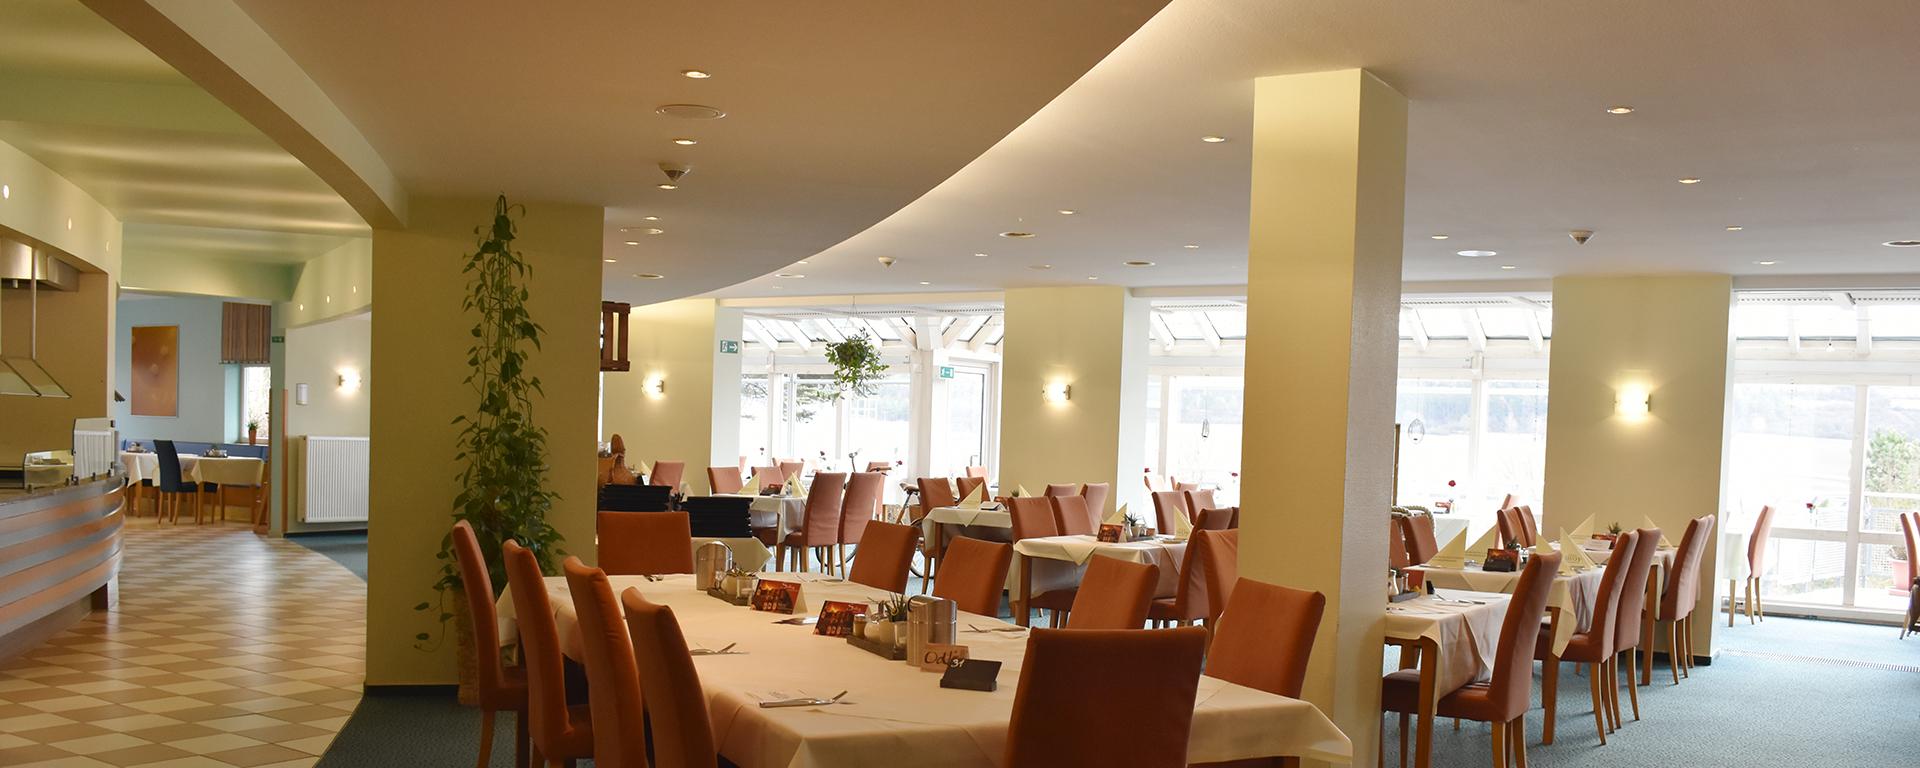 Frühstücks-Buffet & Feiertags-Brunch-Buffet im SAVOY-Hotel Bad Mergentheim: Sonntags-Brunch, Muttertags-Brunch,